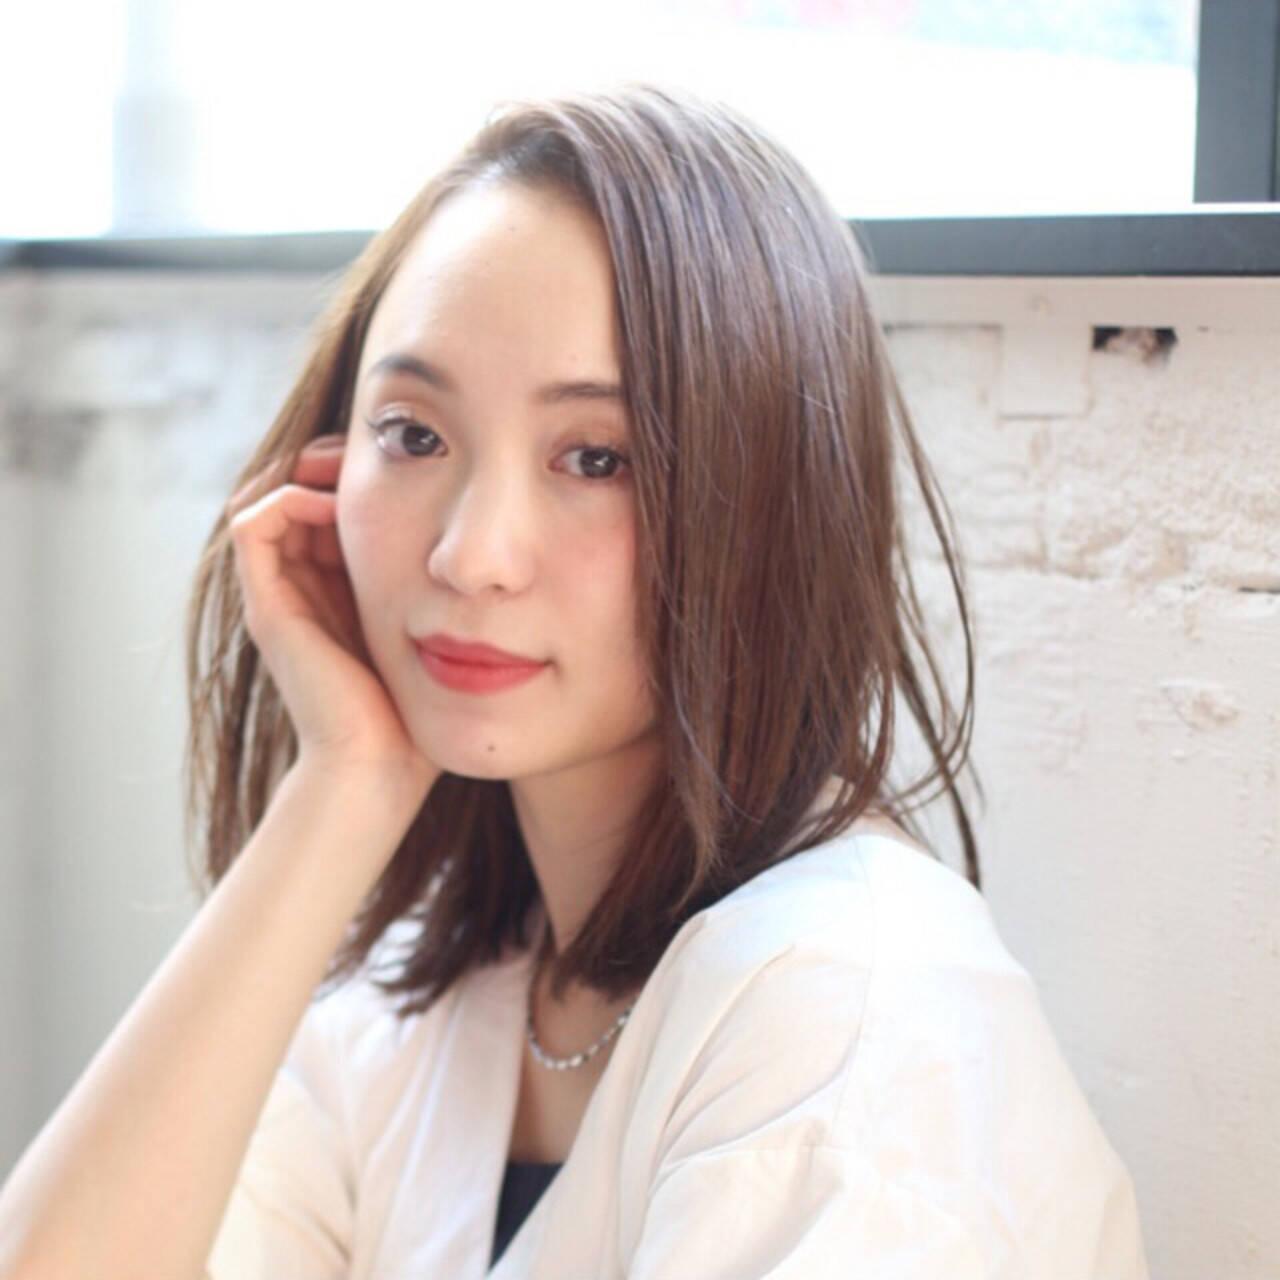 デジタルパーマ ヘアアレンジ エレガント アンニュイほつれヘアヘアスタイルや髪型の写真・画像